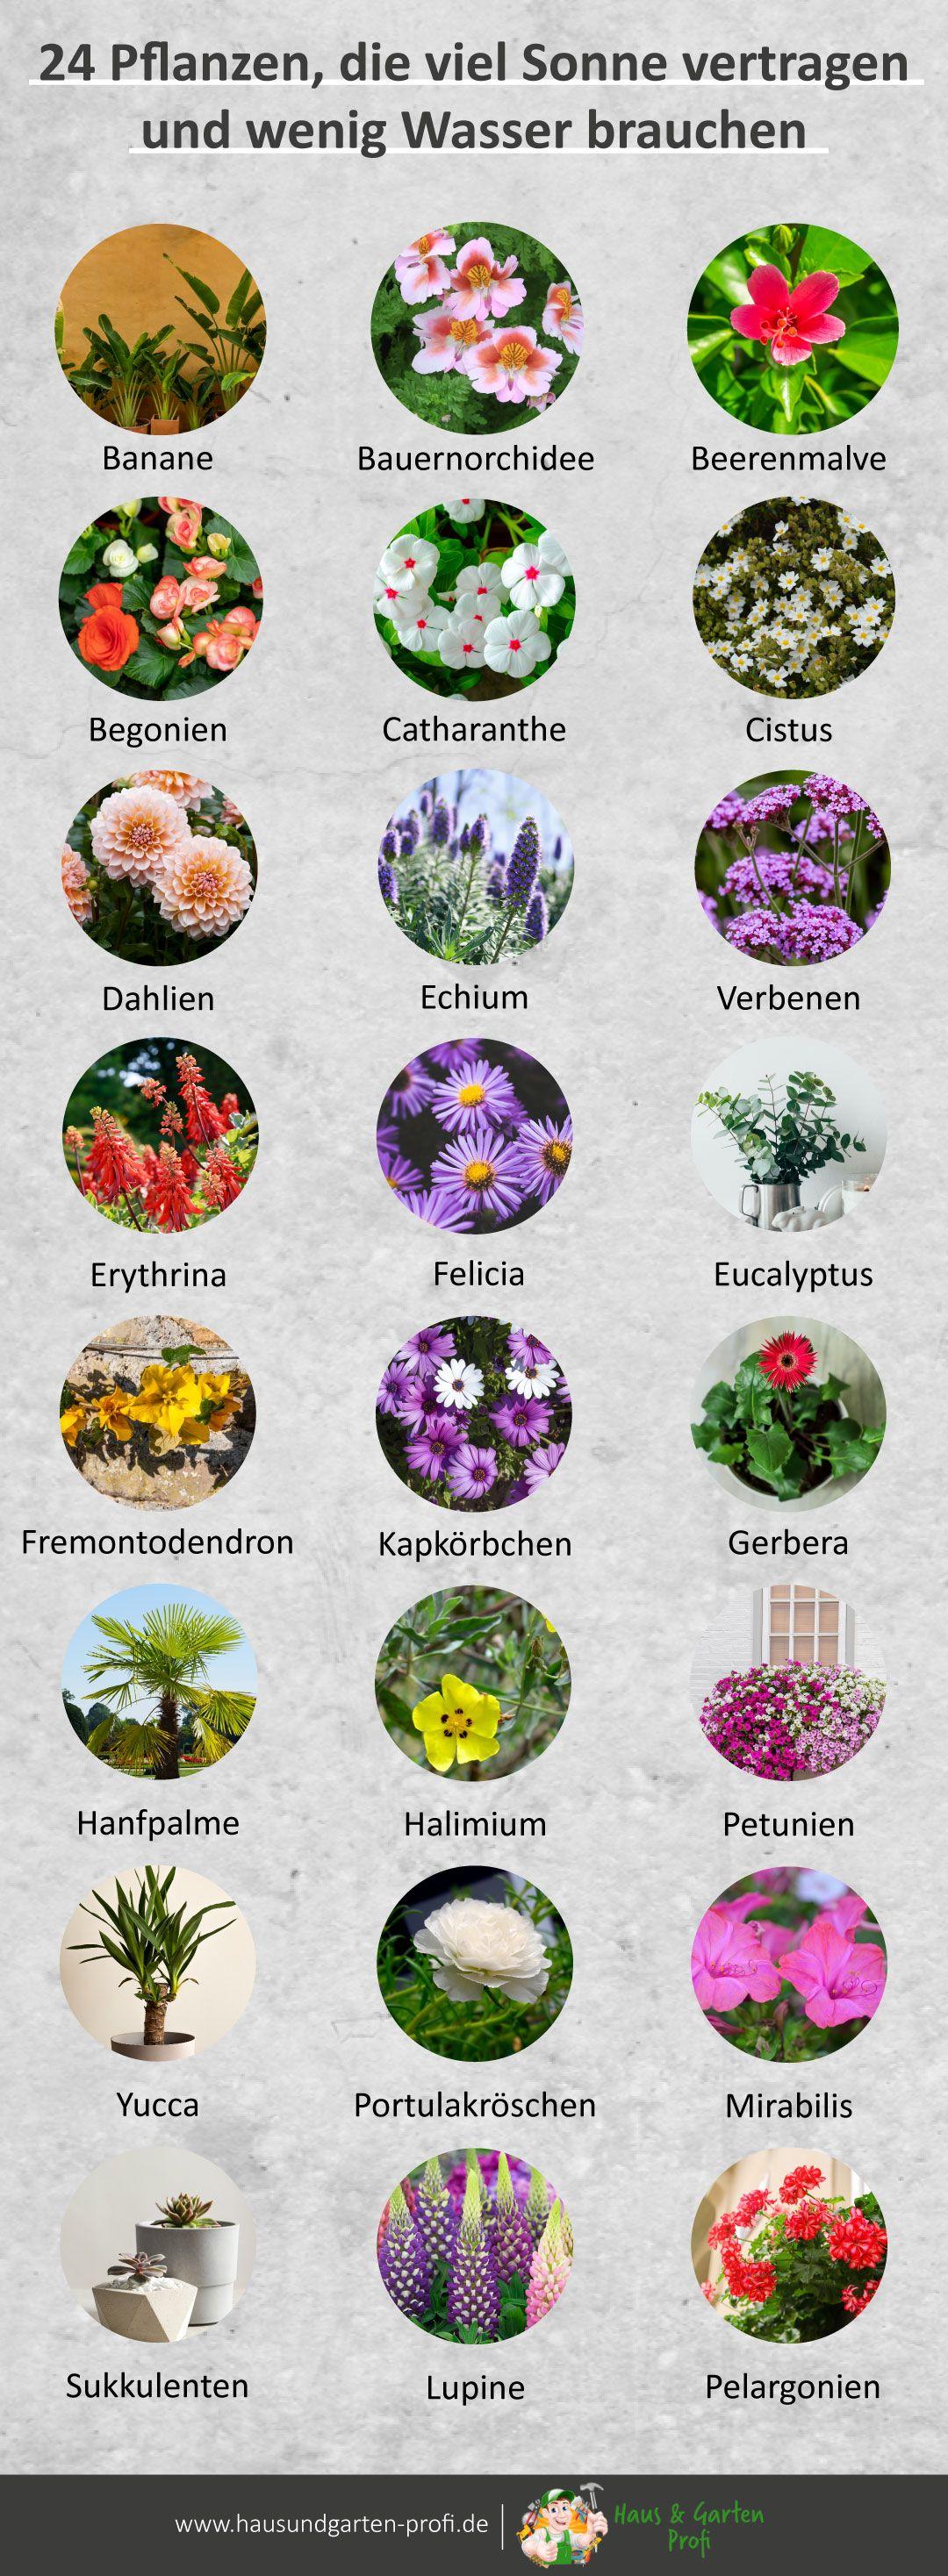 24 Pflanzen, die viel Sonne vertragen und wenig Wasser brauchen